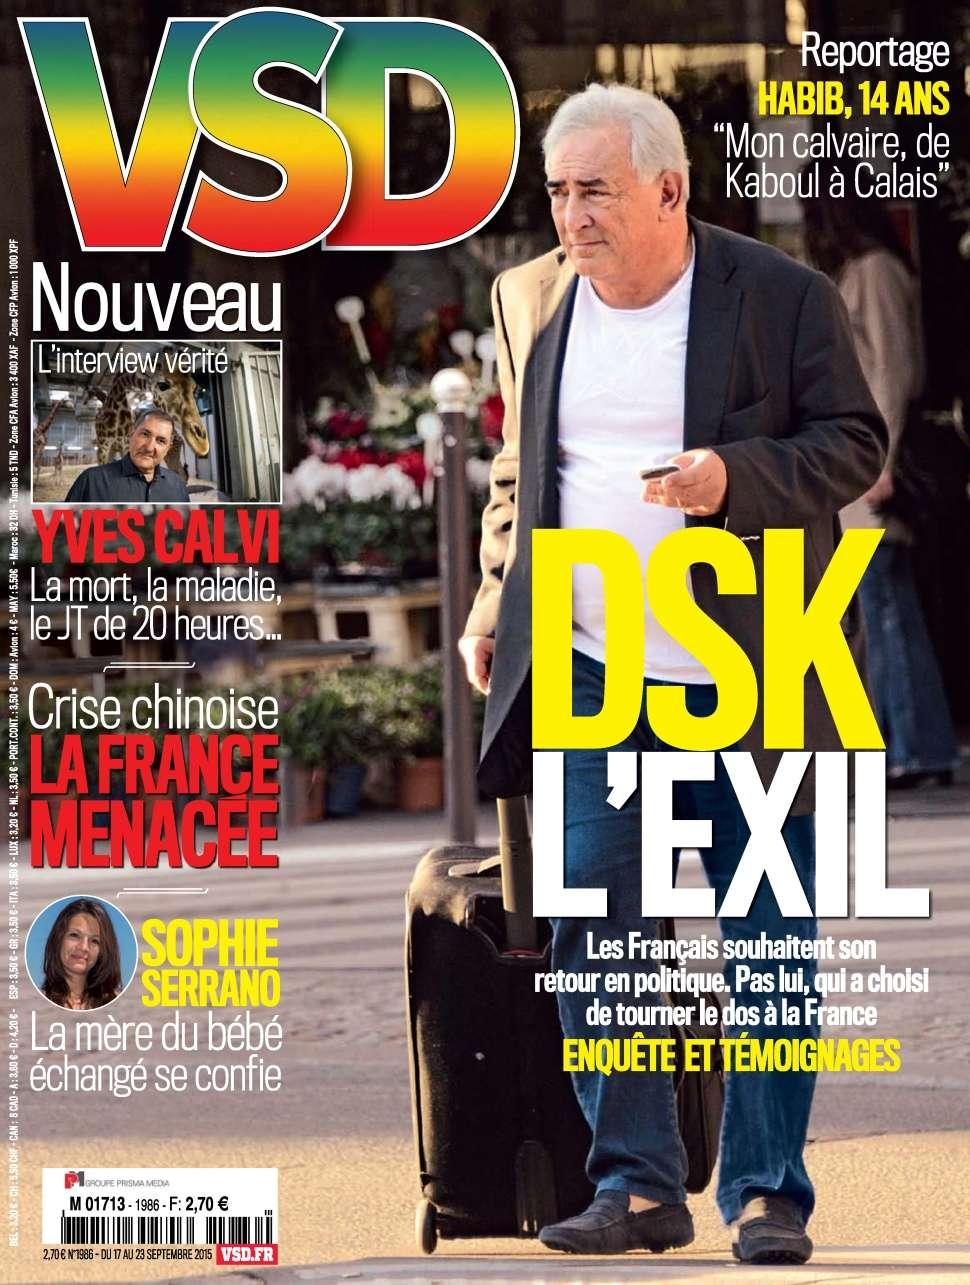 VSD 1986 - 17 au 23 Septembre 2015